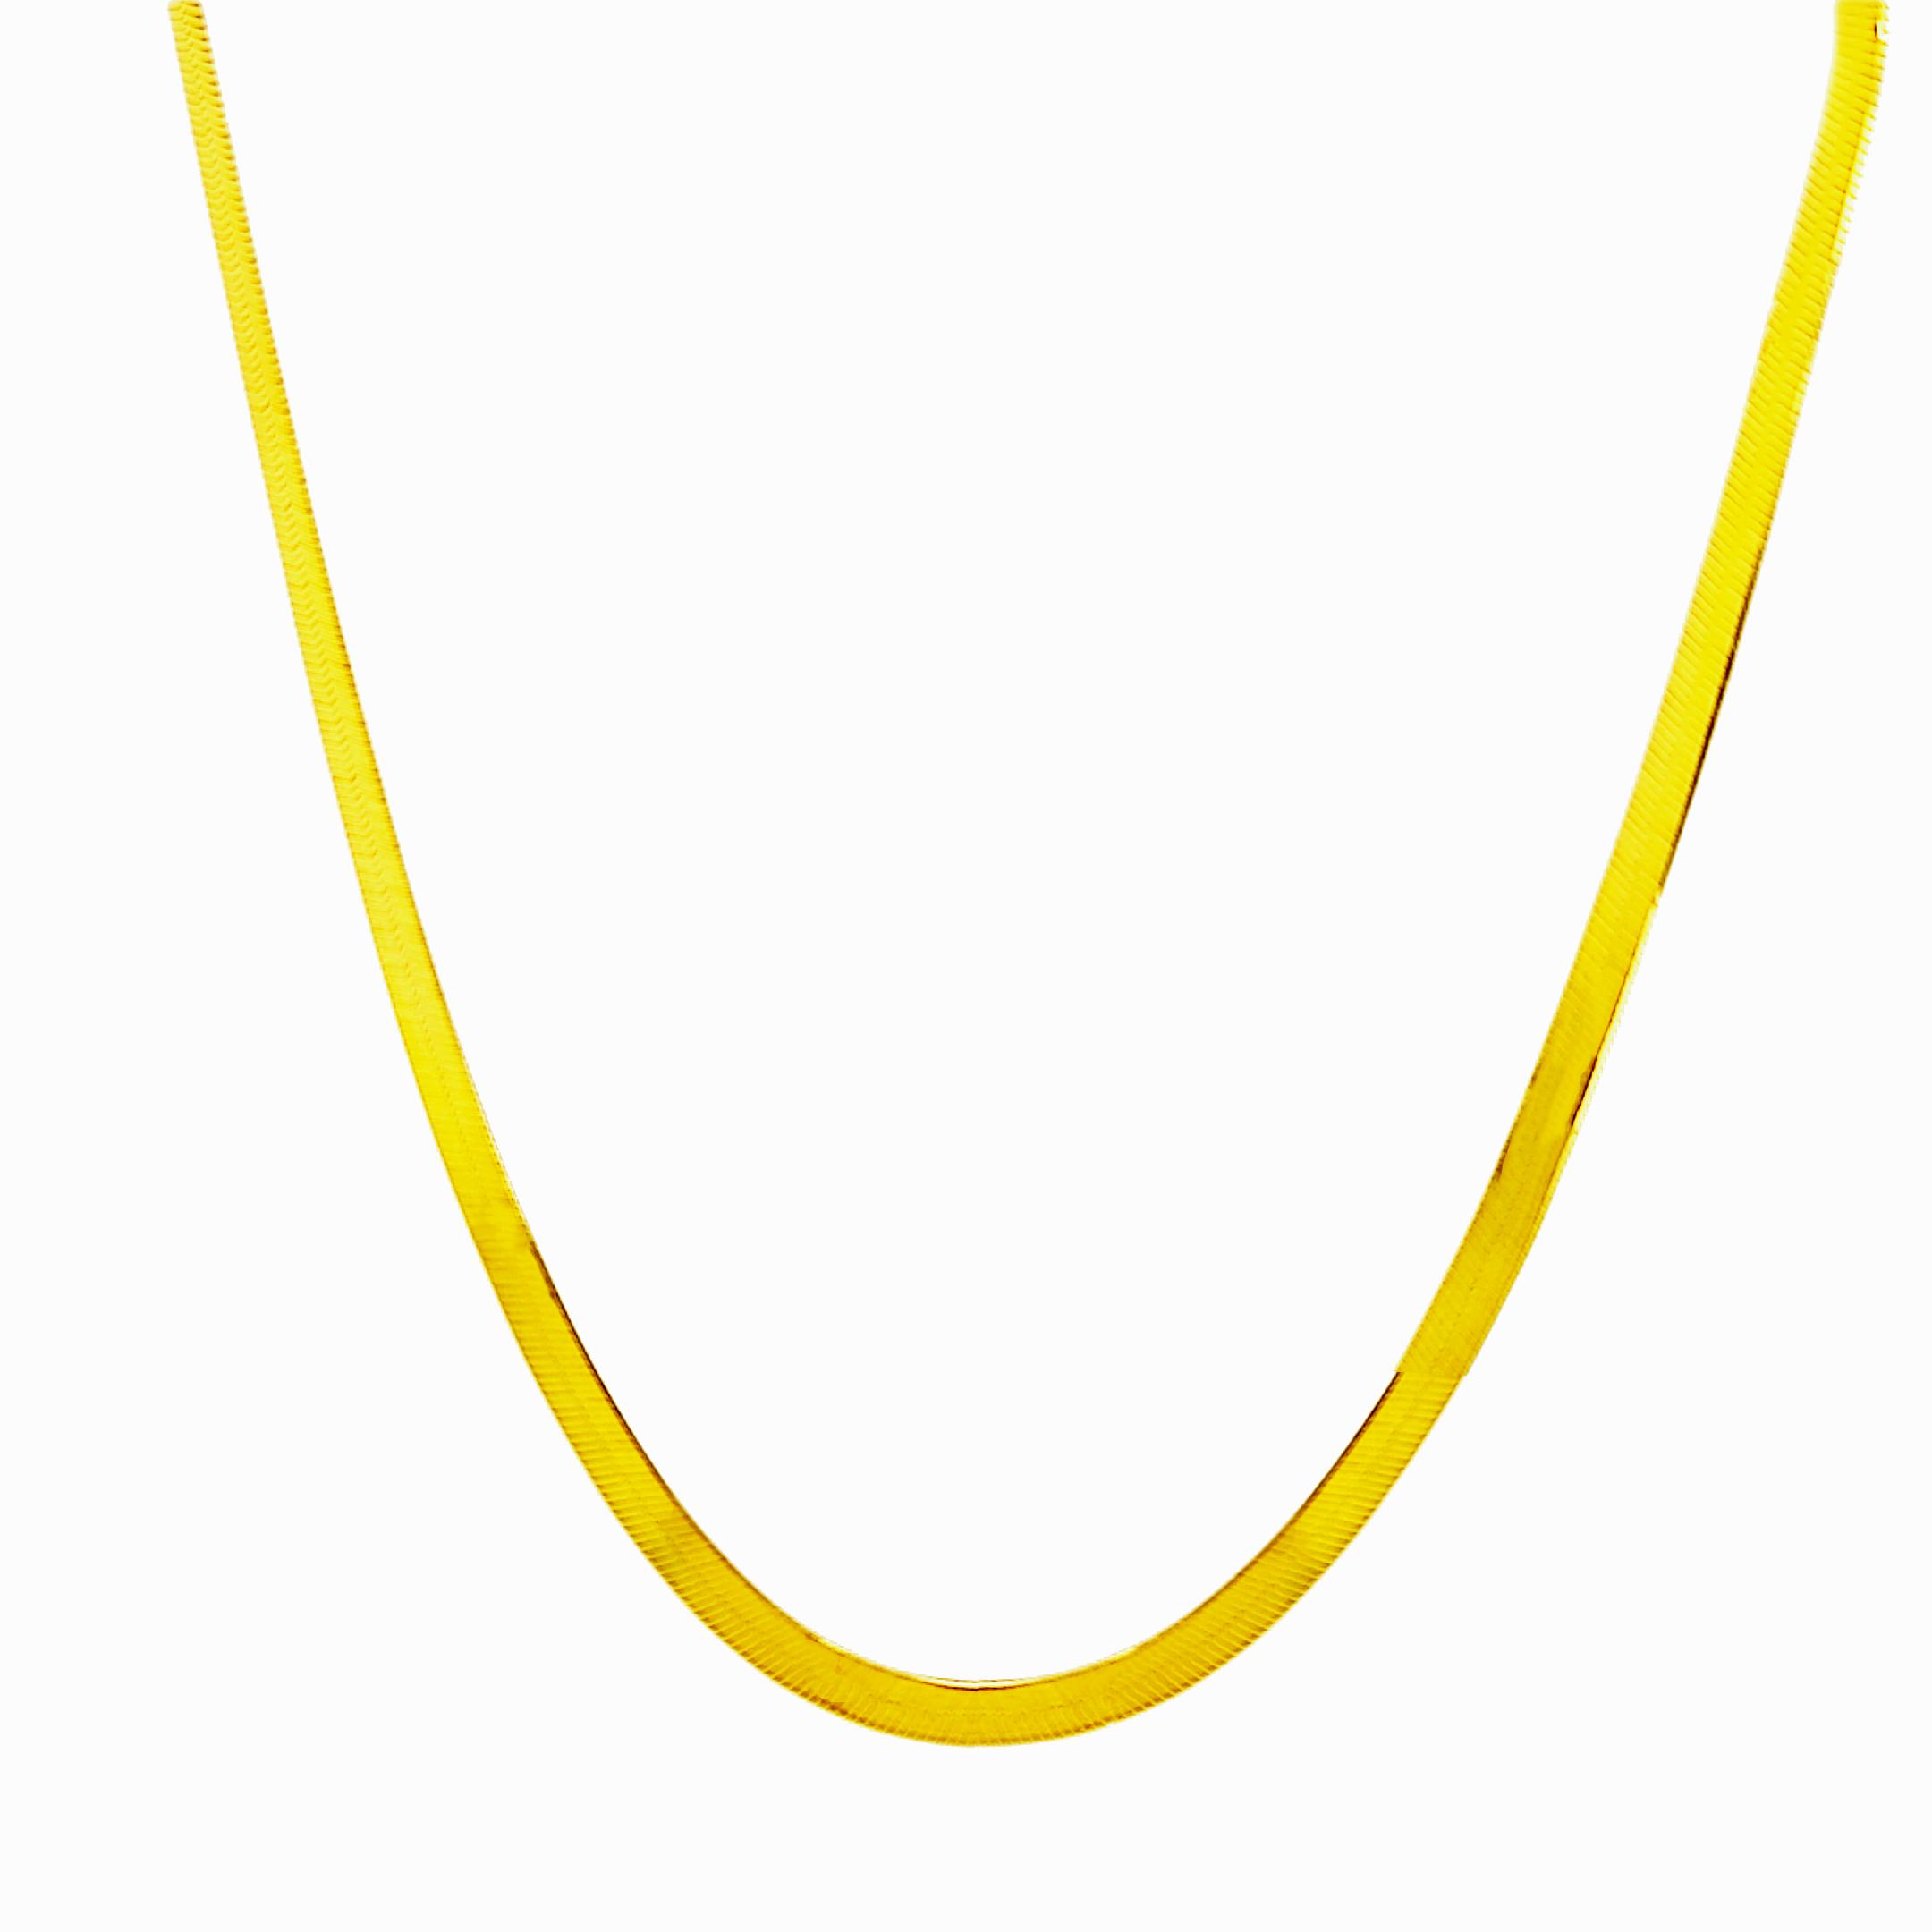 Κολιέ σε ασήμι αλυσίδα - Πλάτος αλυσίδας 3.0mm